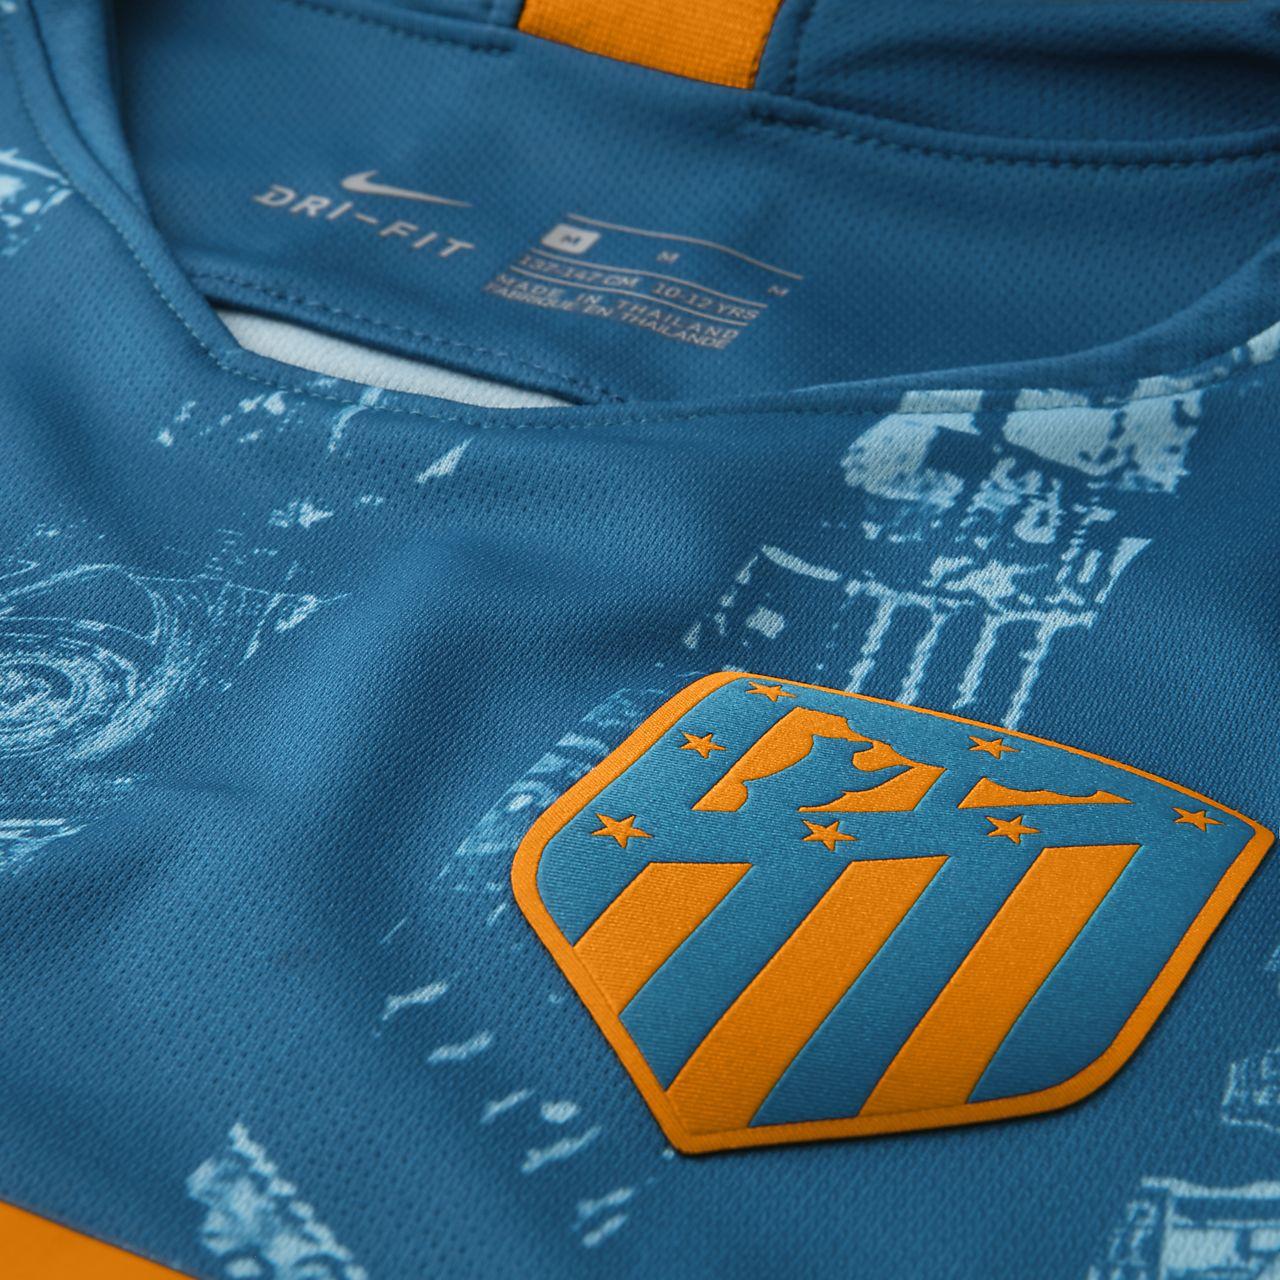 ... Camiseta de fútbol para niños talla grande alternativa Stadium del  Atlético de Madrid 2018 19 8cd6737ea58e4